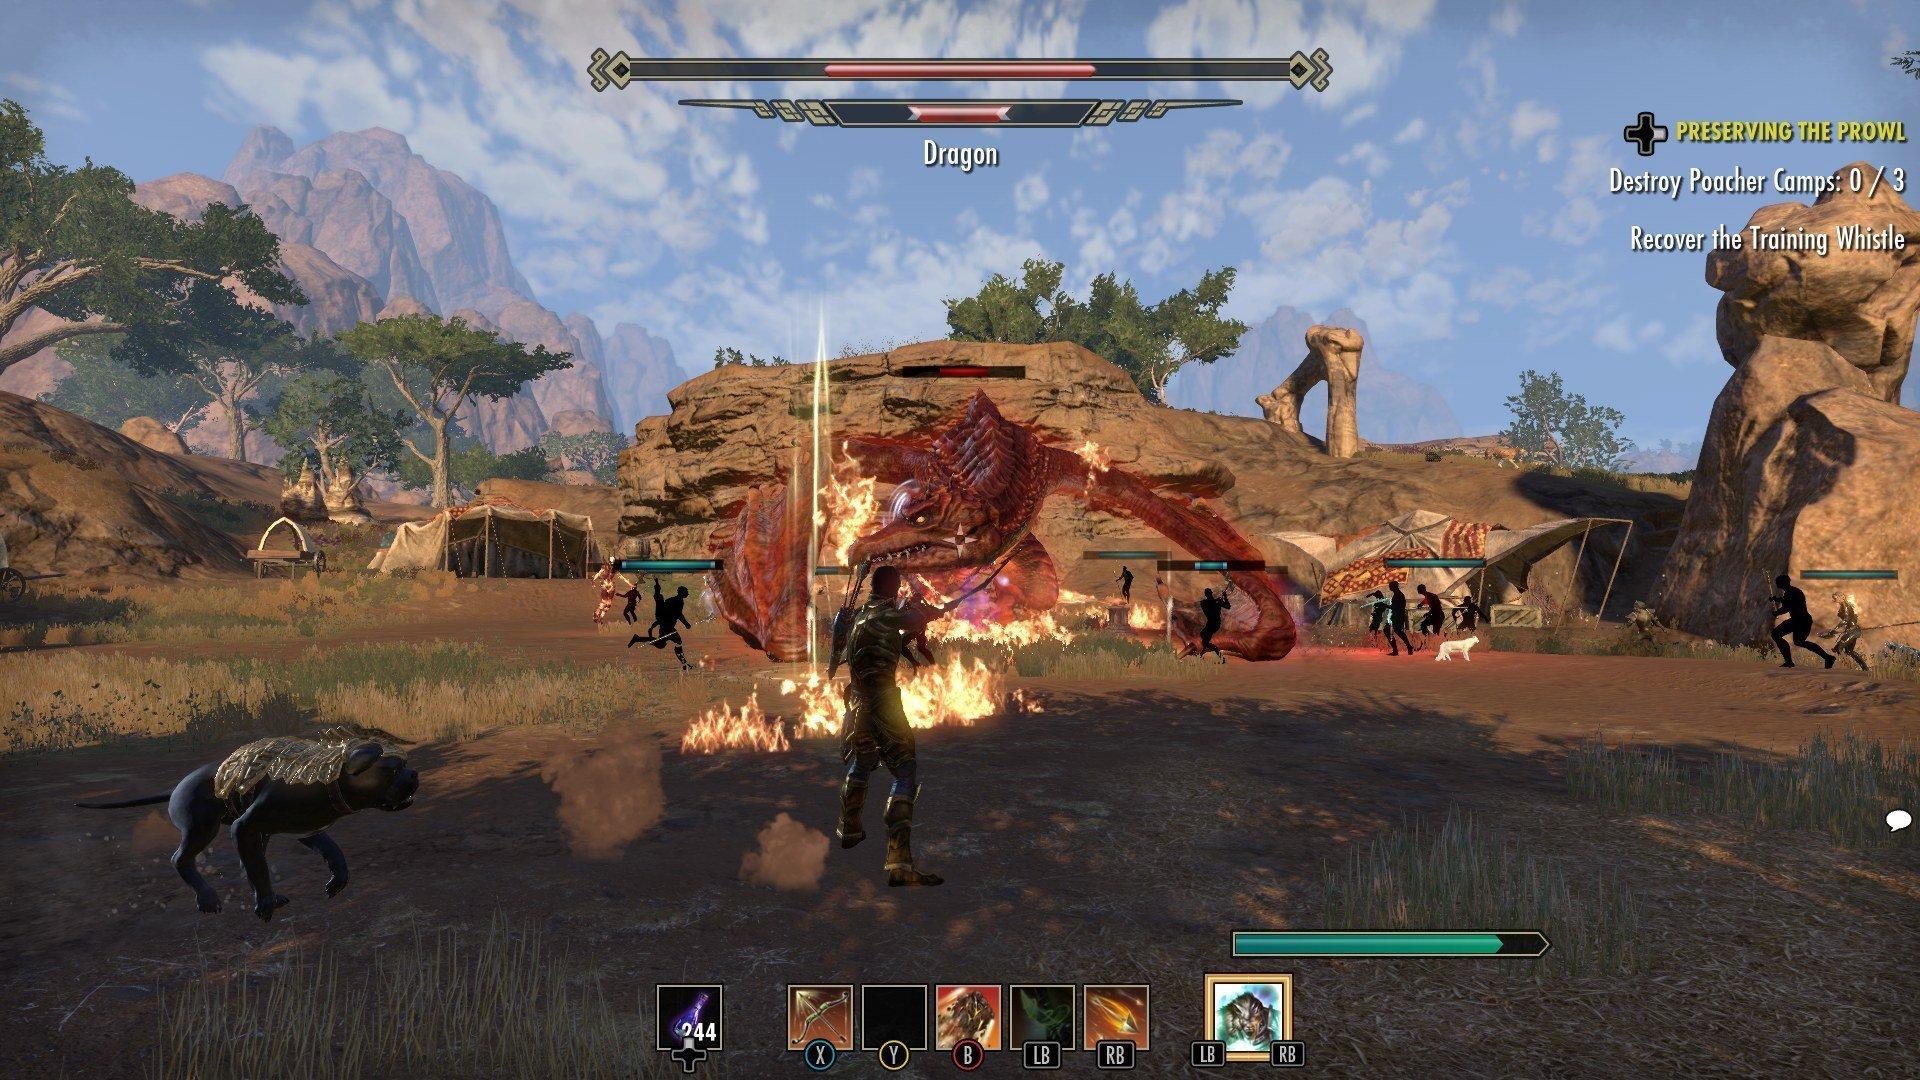 Elsweyr Killing a Dragon